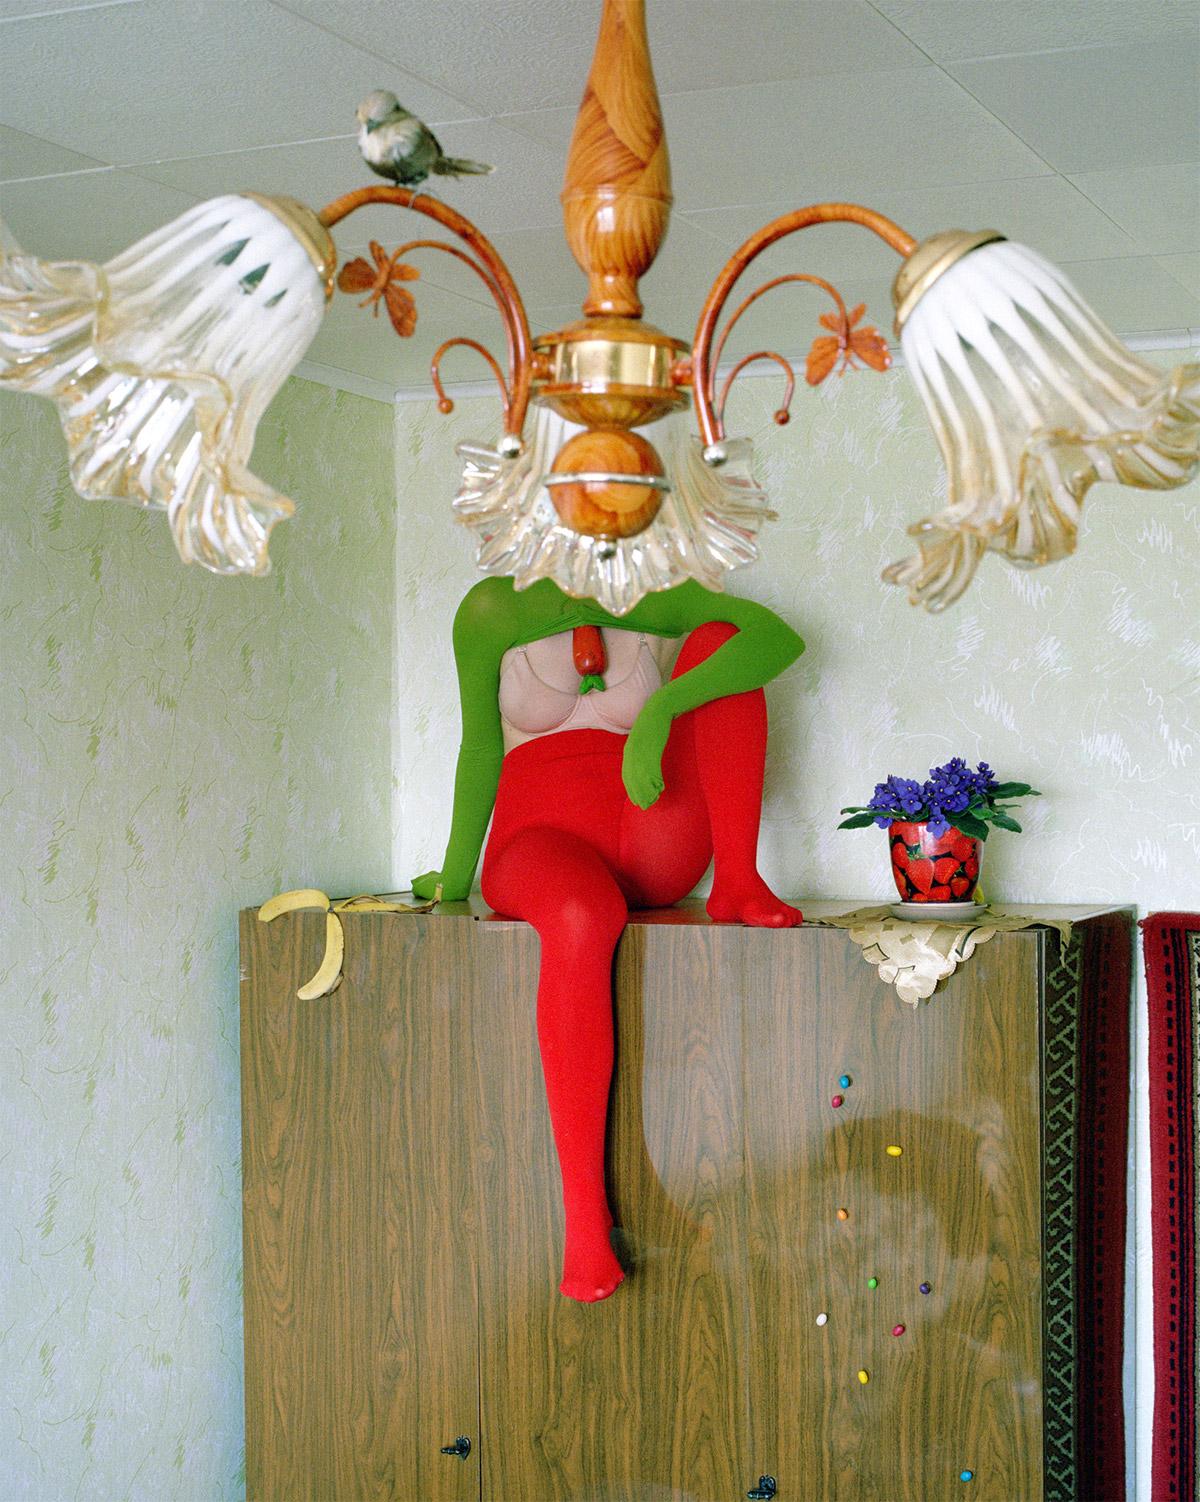 Le favole senza volto di Alena Zhandarova   Collater.al